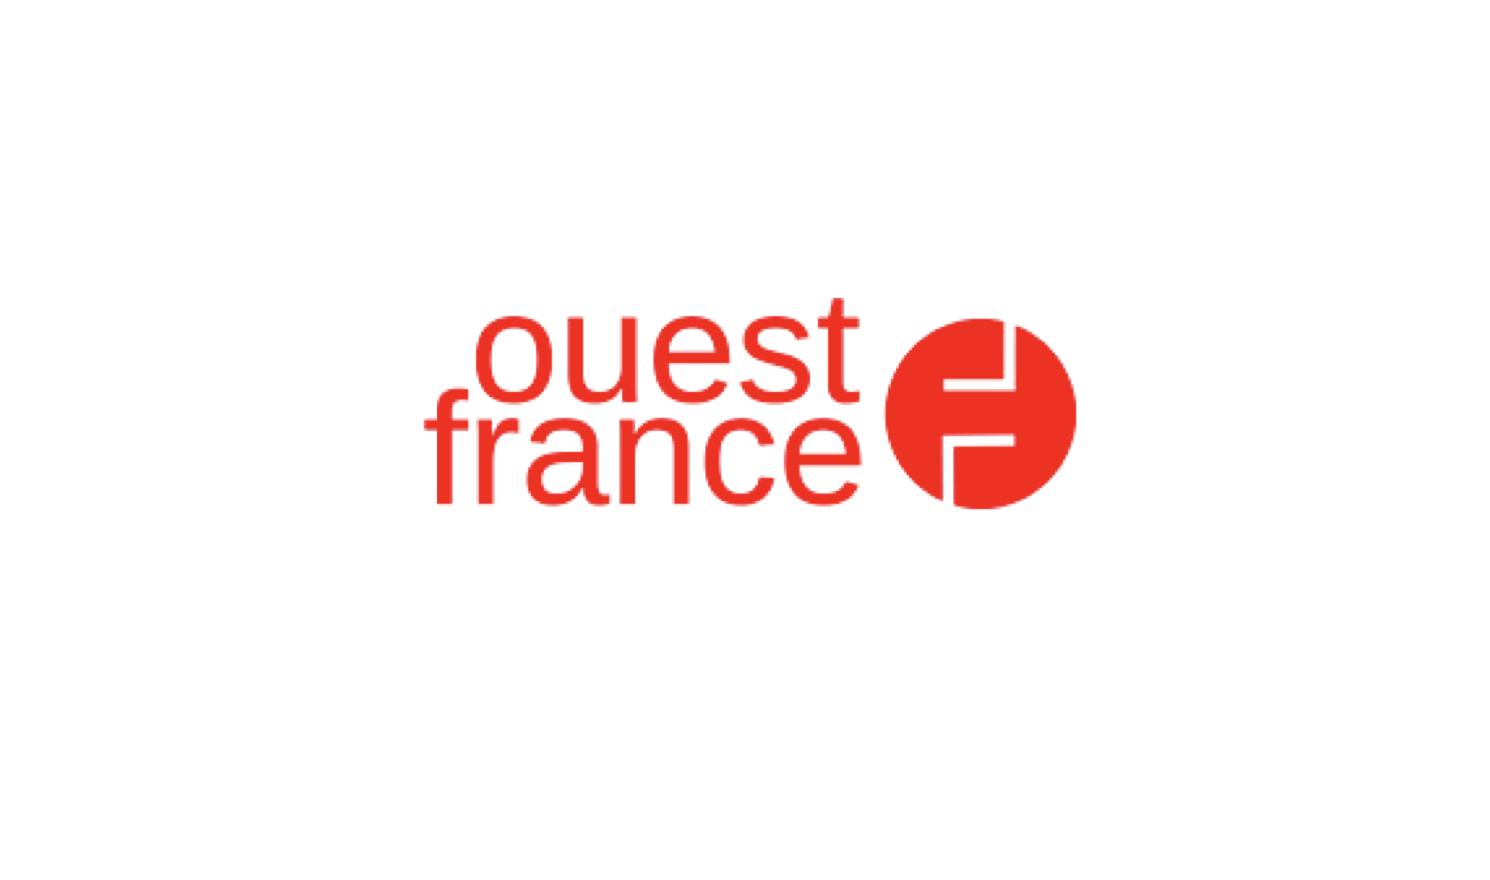 Image - Ouest France – ÉDITORIAL. Bioéthique : PMA, poursuivre le débat